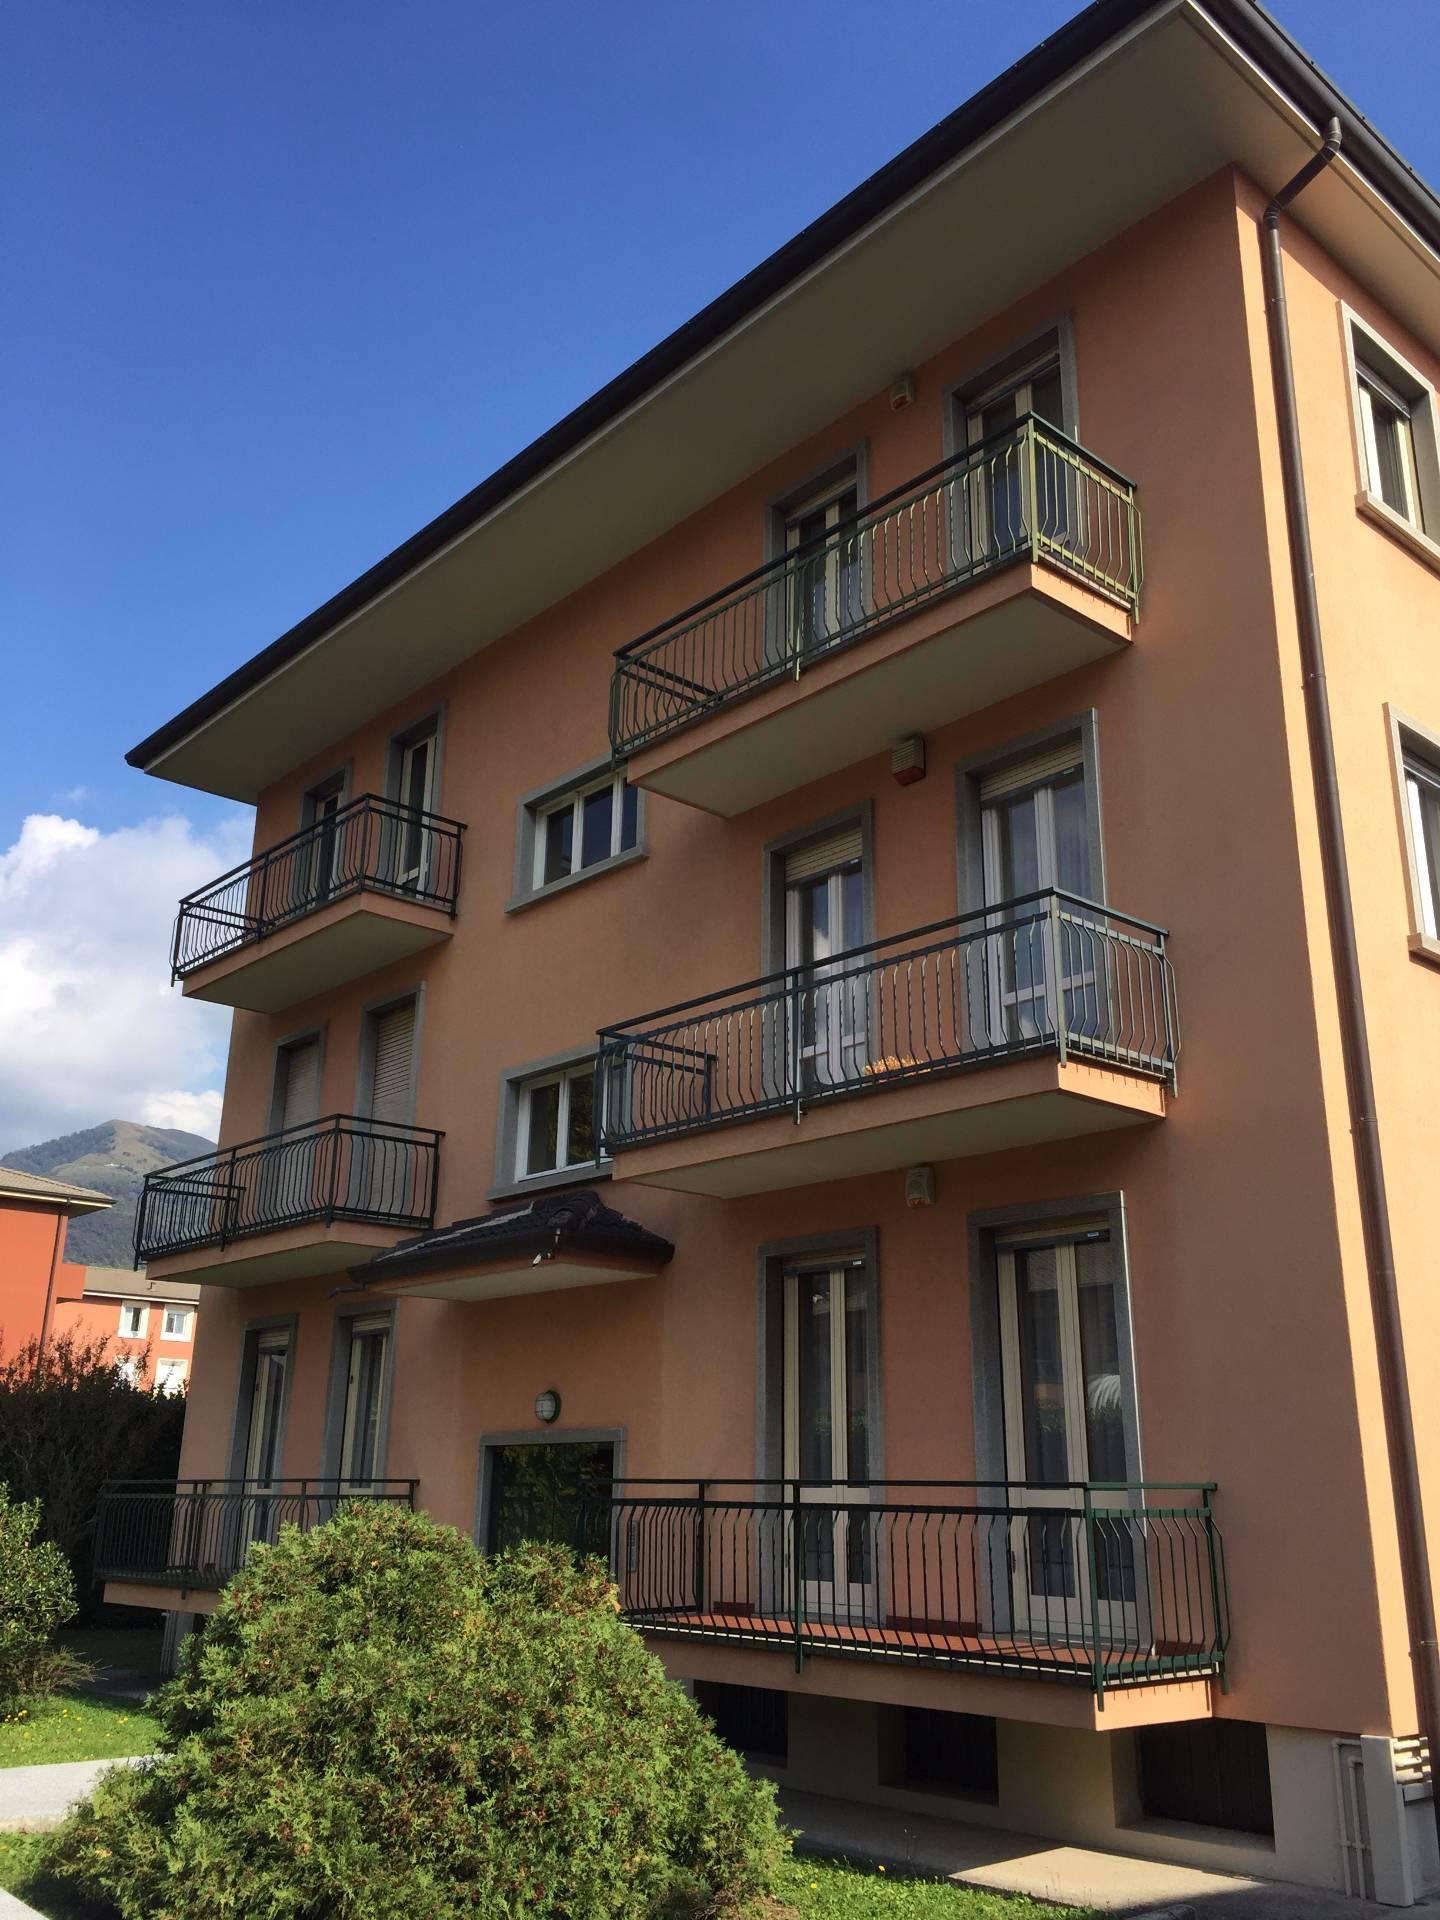 Appartamento in vendita a Longone al Segrino, 3 locali, prezzo € 120.000 | CambioCasa.it